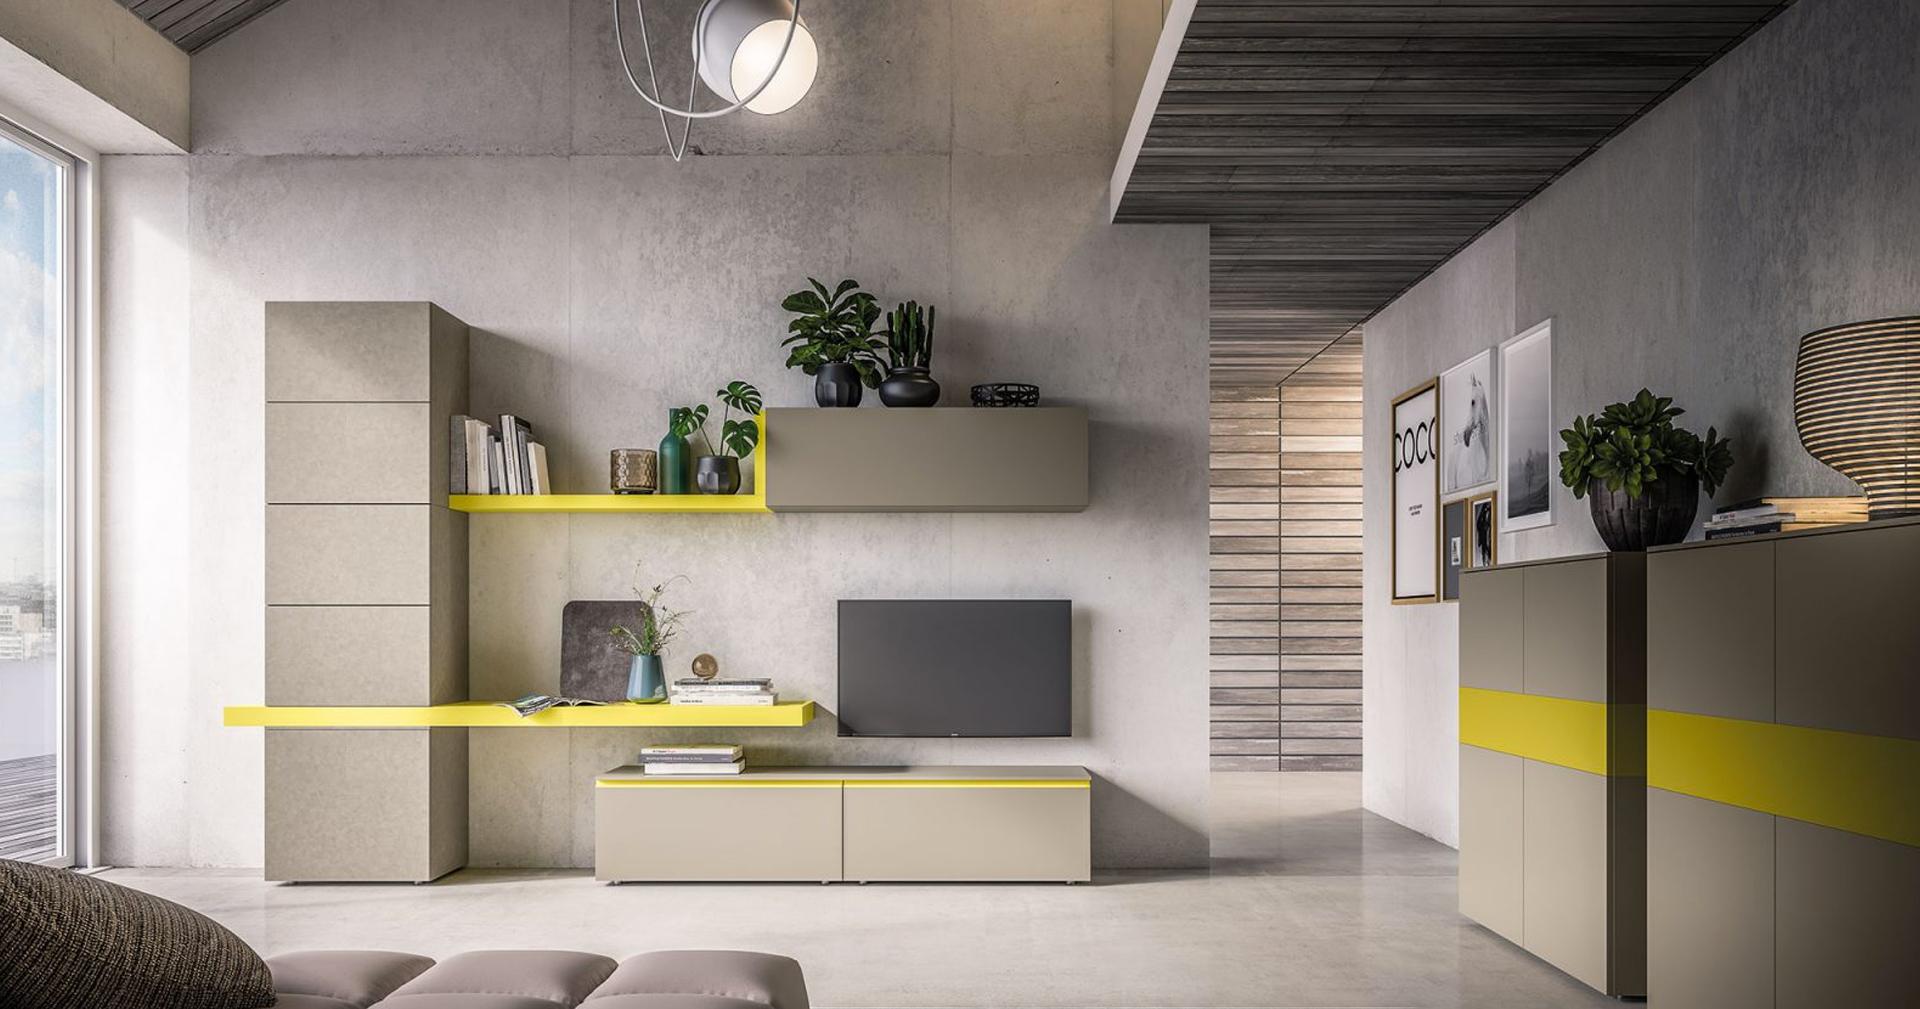 Arredi design arredamento per la casa - Arredi per la casa ...